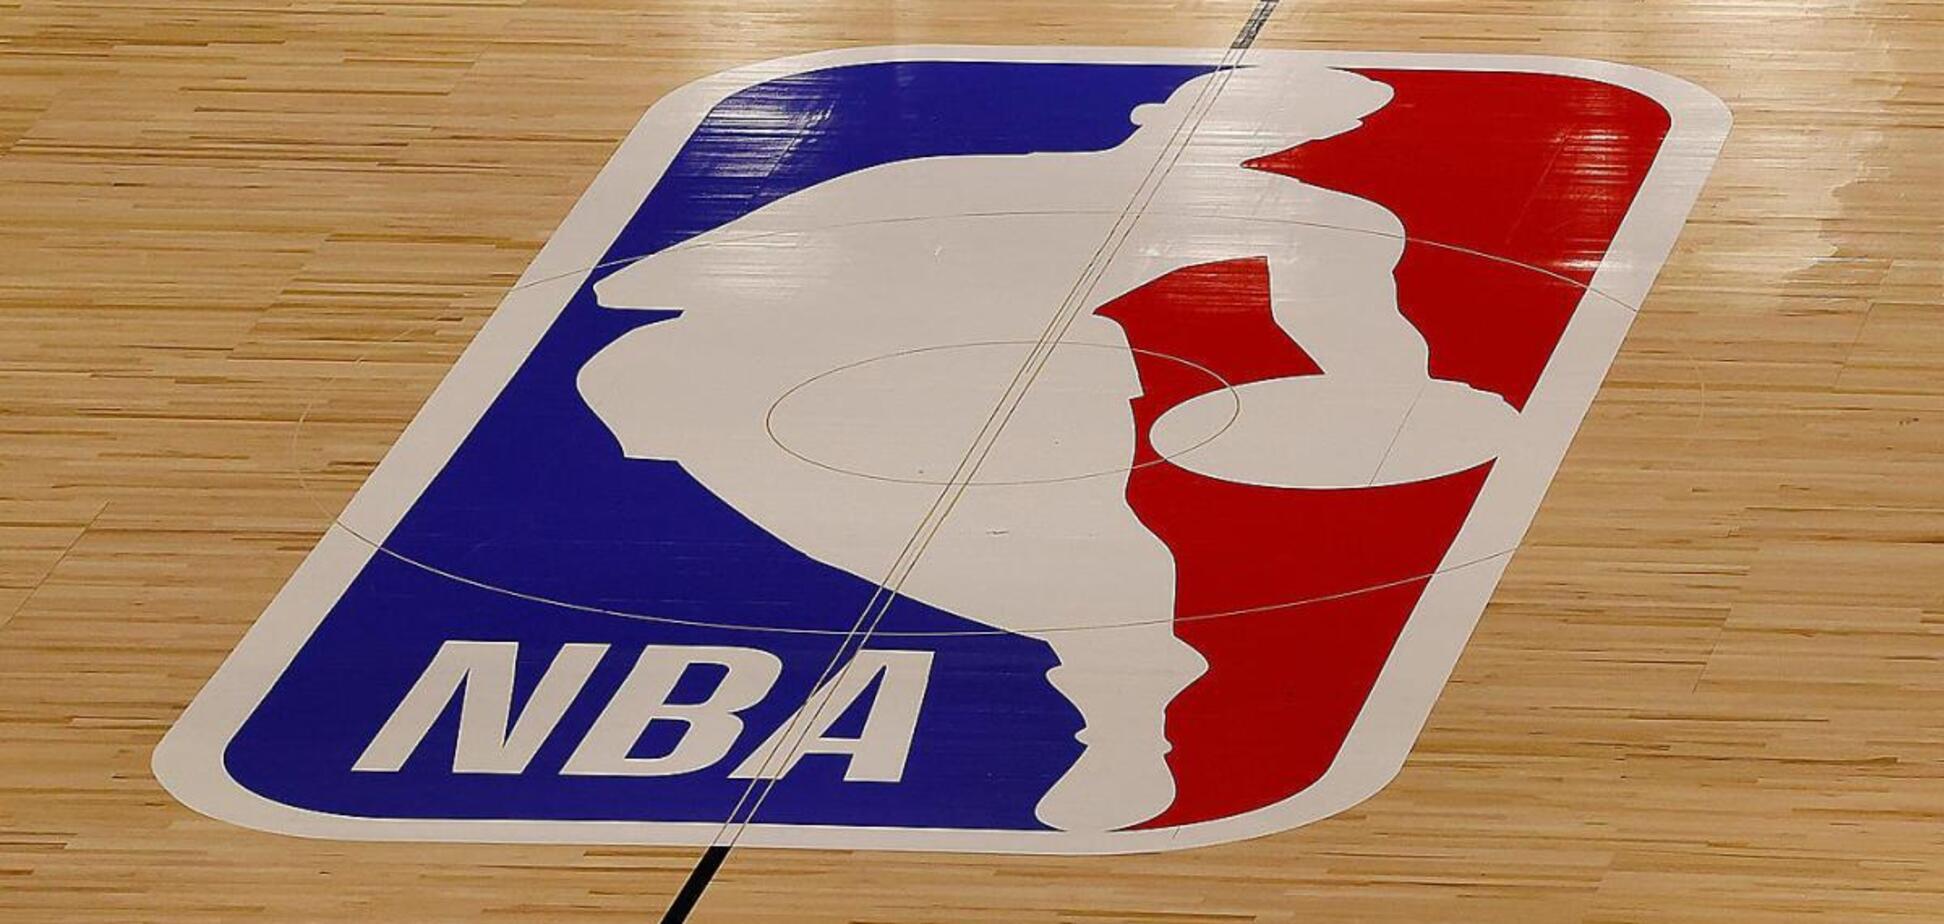 А вы знаете, что NBA организовали эмигранты из Украины?